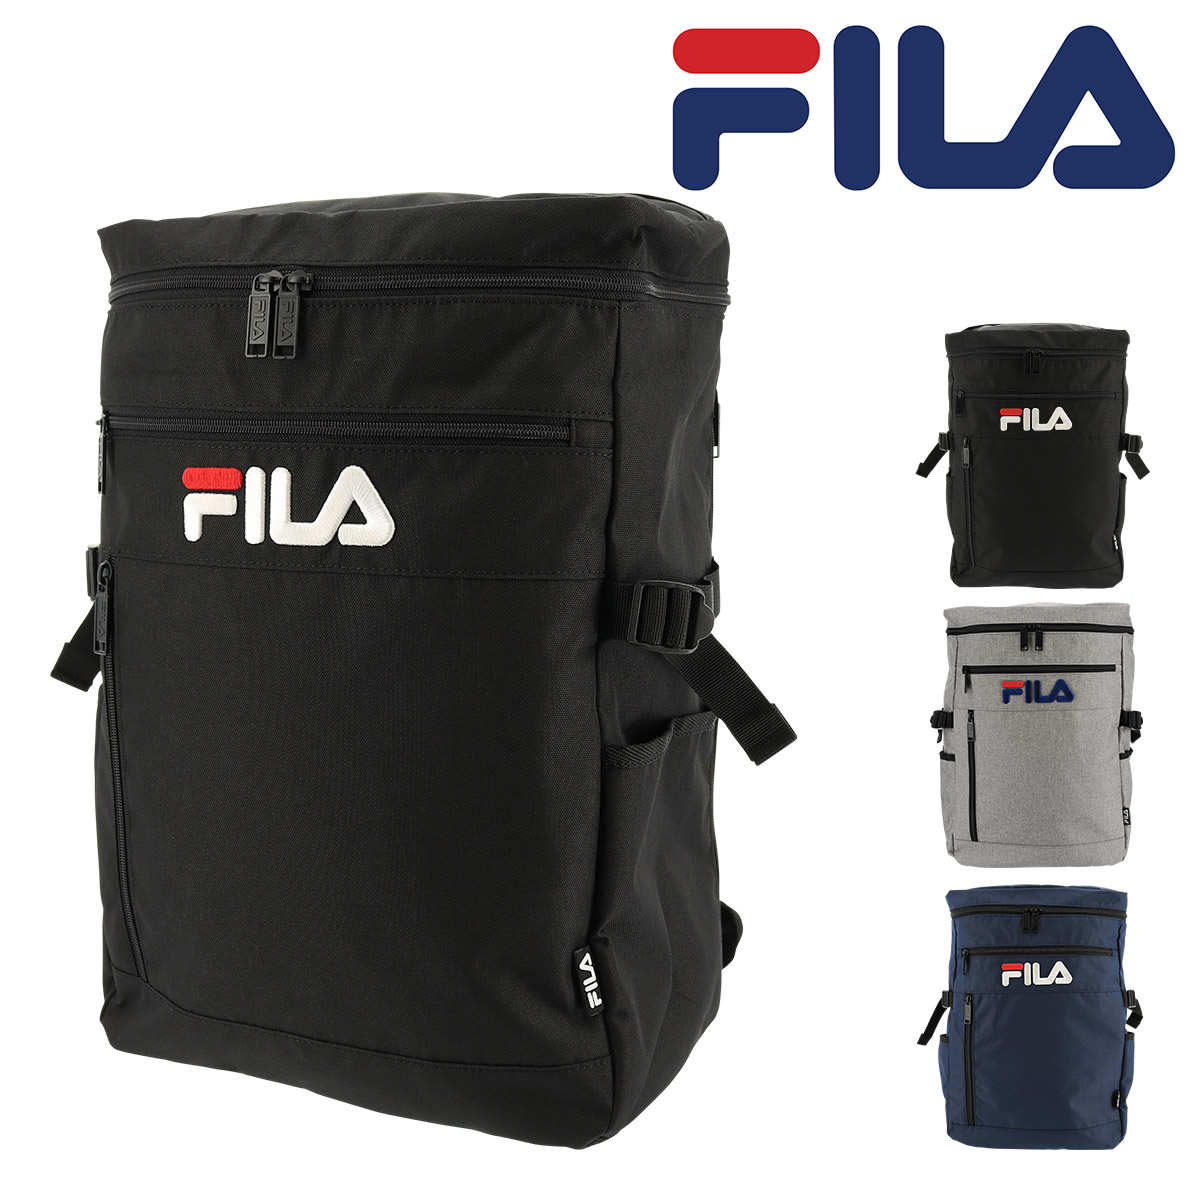 フィラ リュック 21L ラウンド メンズ レディースFILA-7555 FILA | リュックサック スクエア デイパック A4 通学[PO10][bef]